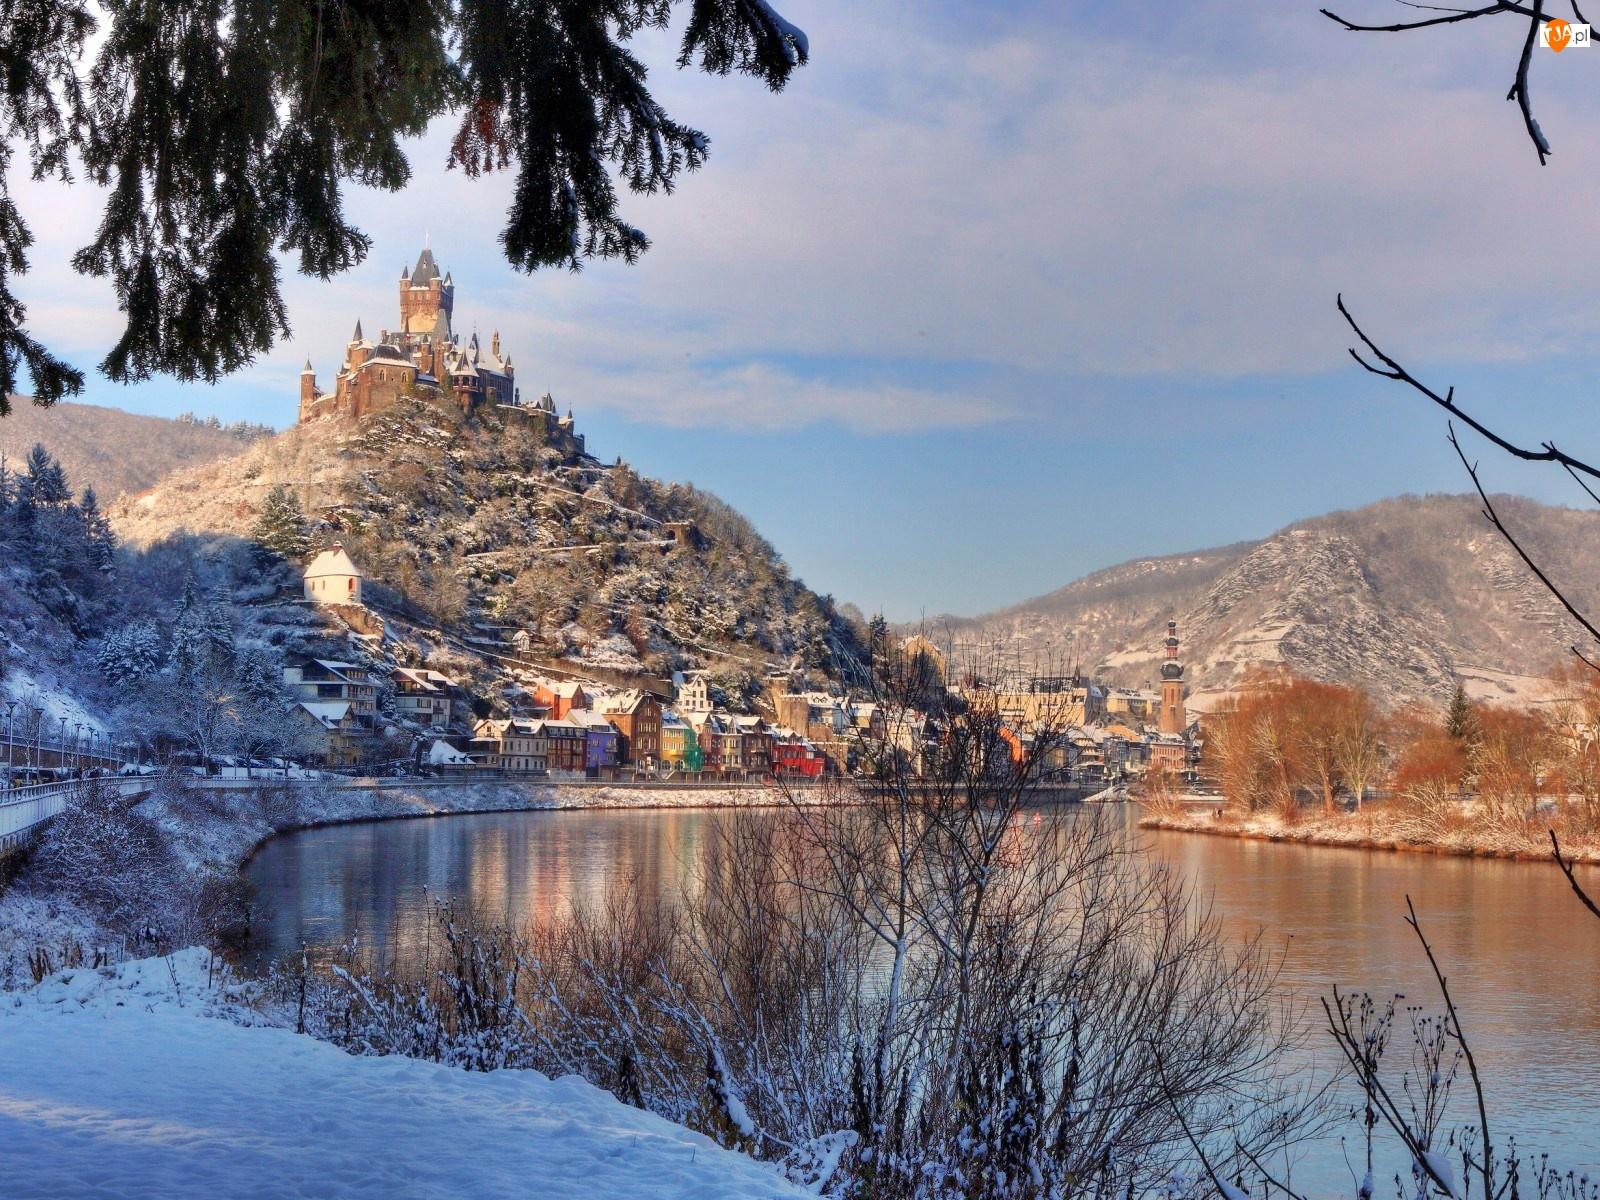 Zima, Zamek Reichsburg, Niemcy, Miasto Cochem, Rzeka Mozela